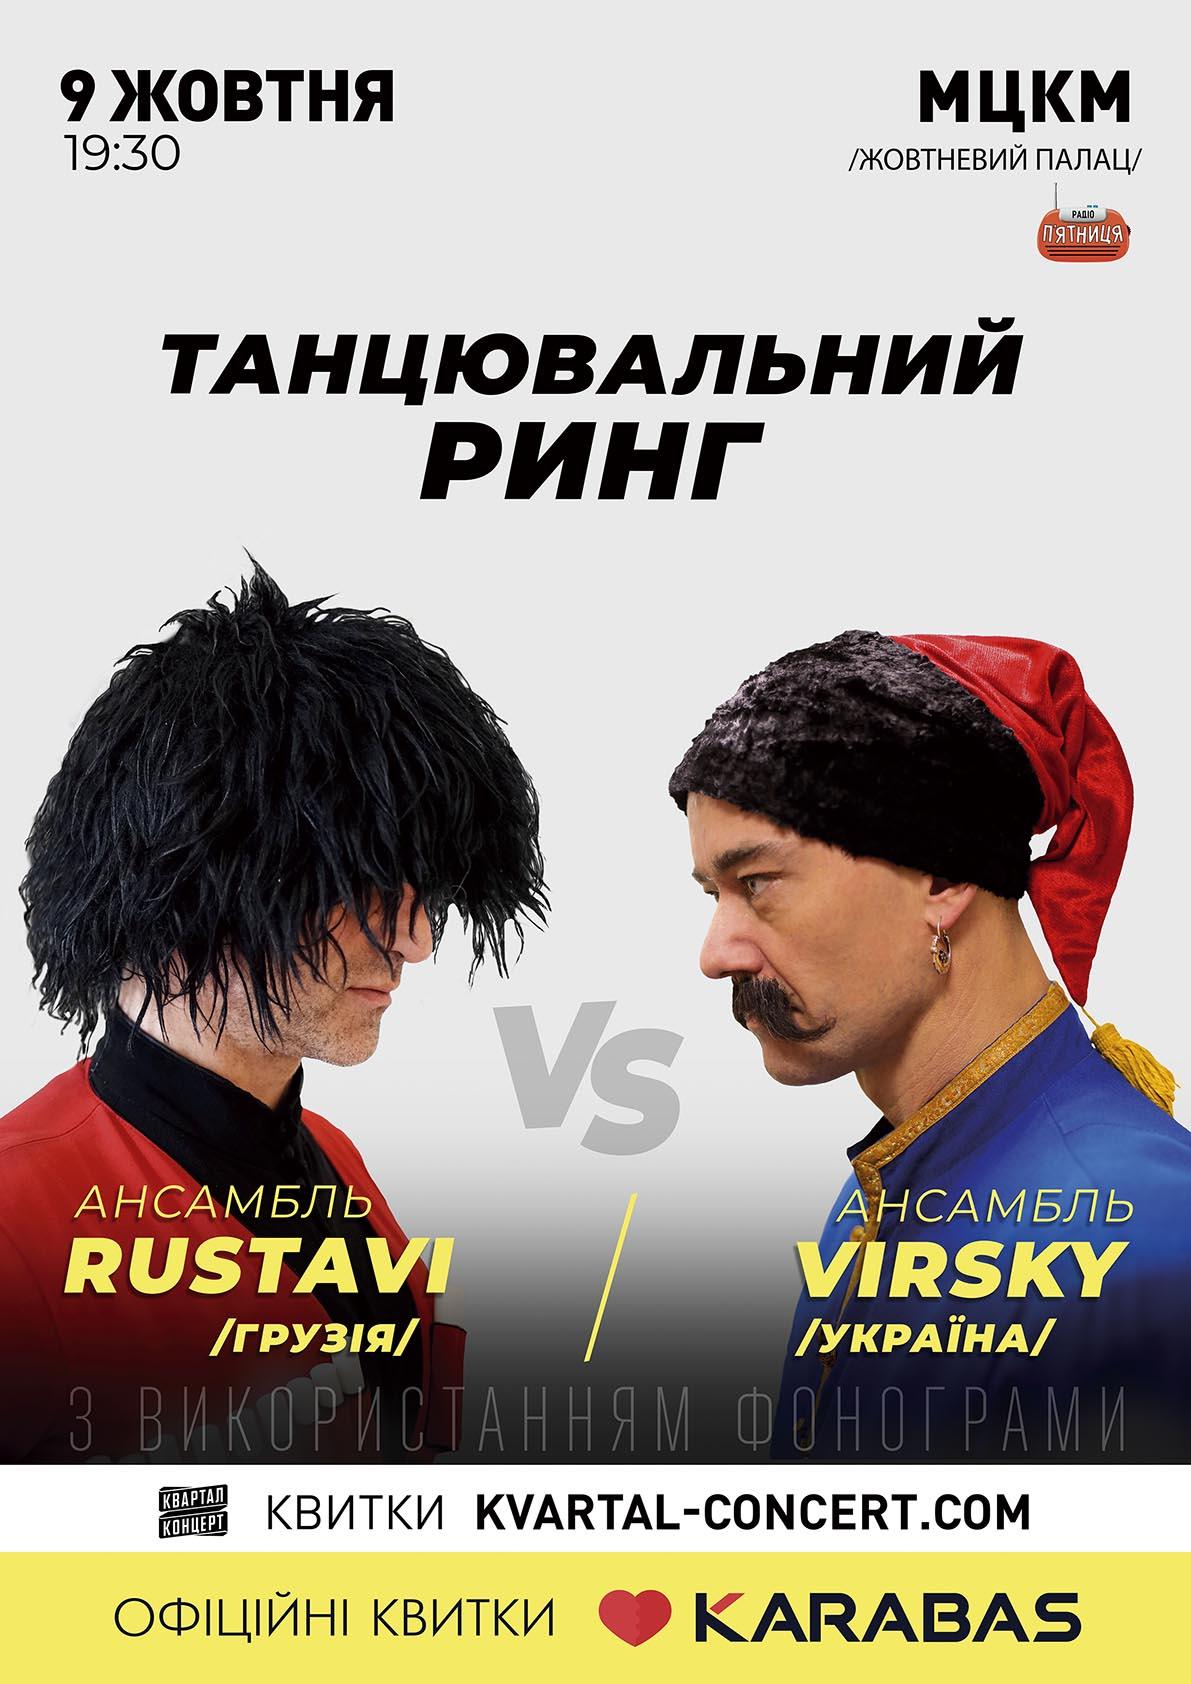 Шоу Вірський vs Руставі: Танцювальний ринг мандрує Україною!-Фото 1